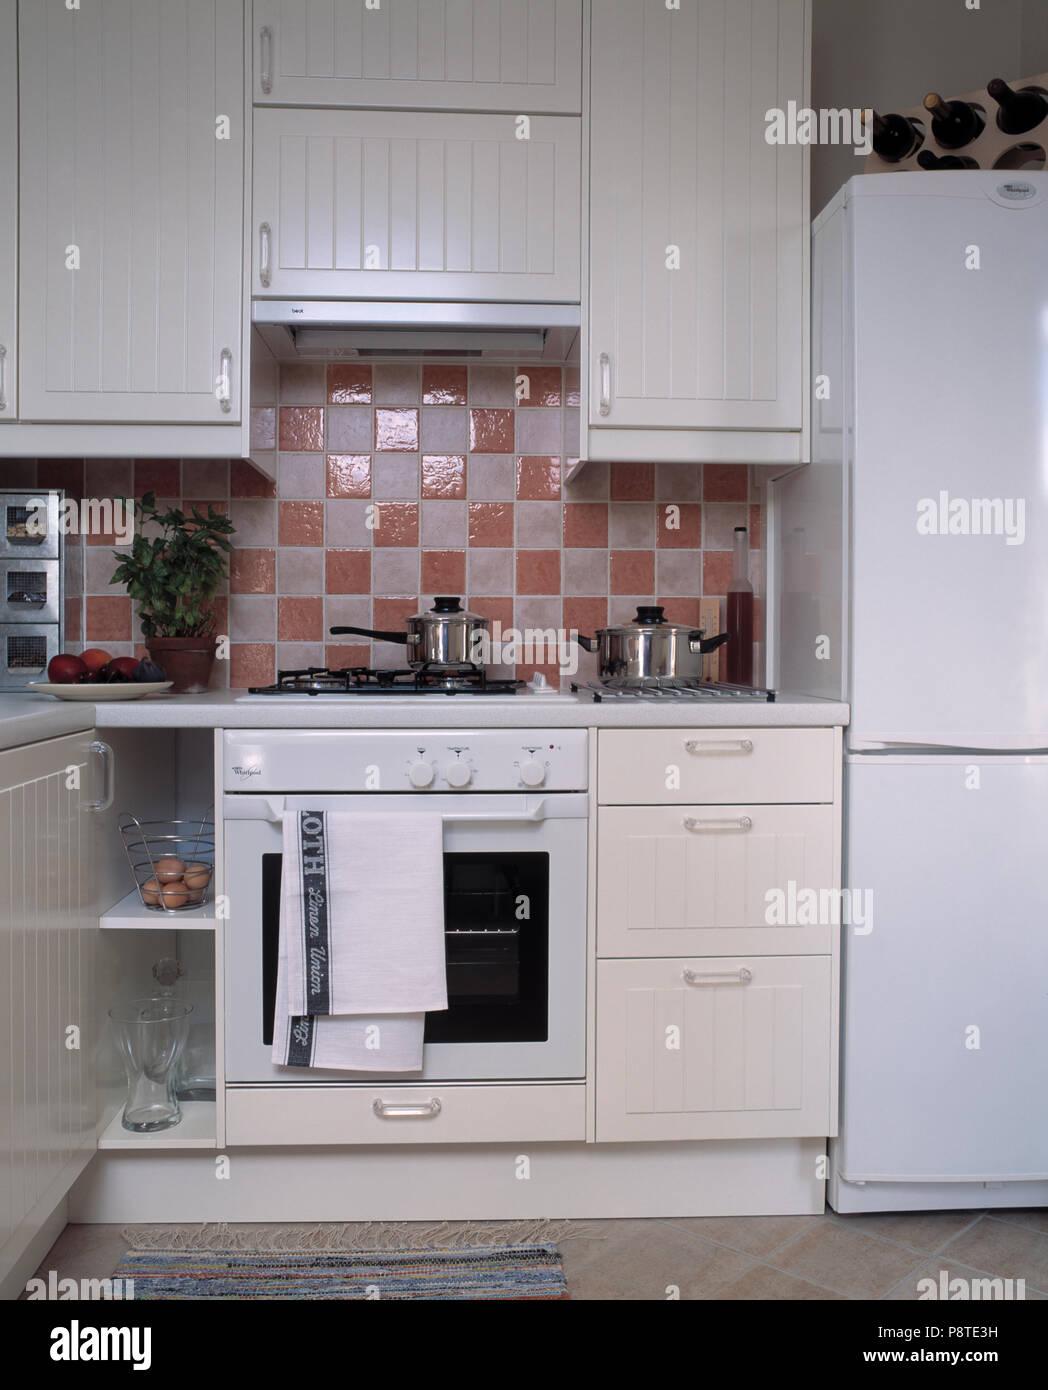 Rosa+piastrelle bianche sopra il forno bianco nella piccola ...